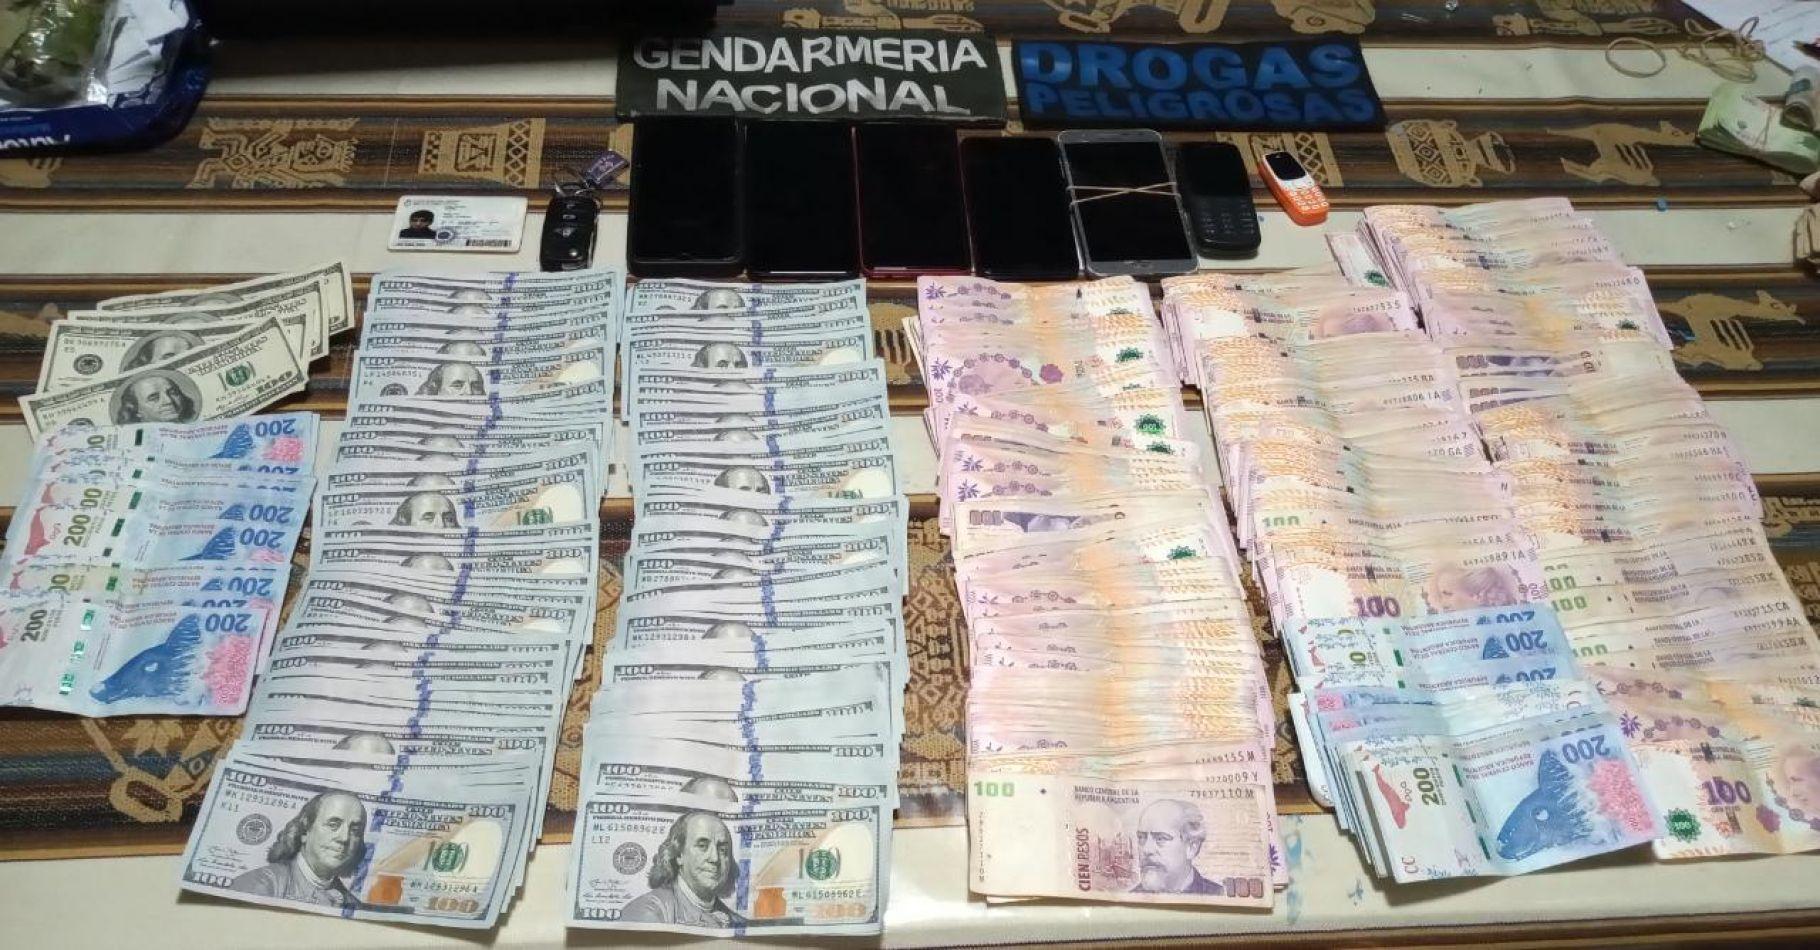 2 mujeres detenidas y más de 300 kilos de droga secuestradas en un mega operativo